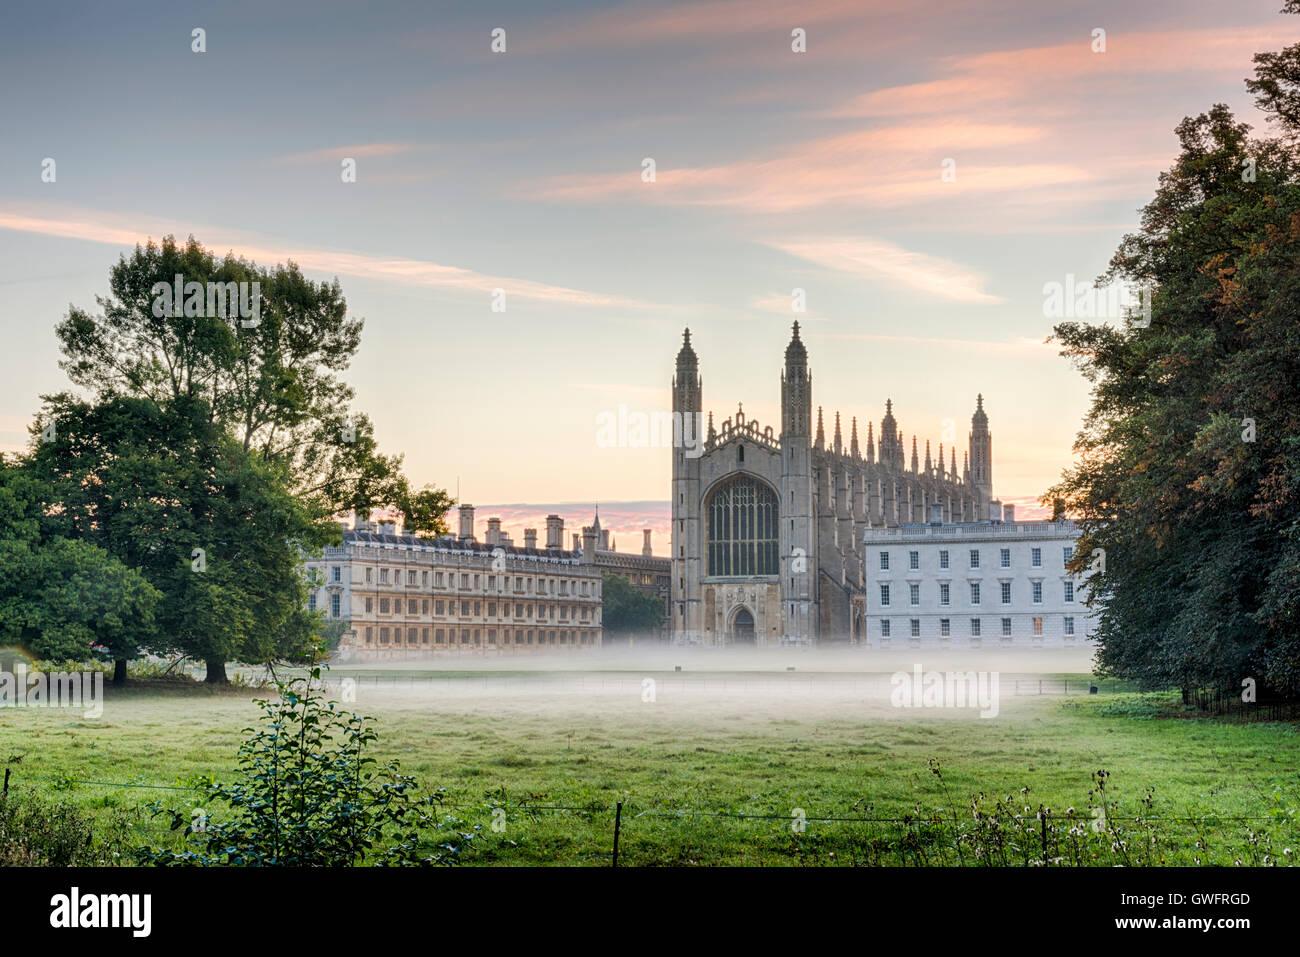 Kings College, Cambridge, UK, 13. September 2016. Nebel hängt in der Luft und über die gepflegten Rasenflächen Stockbild